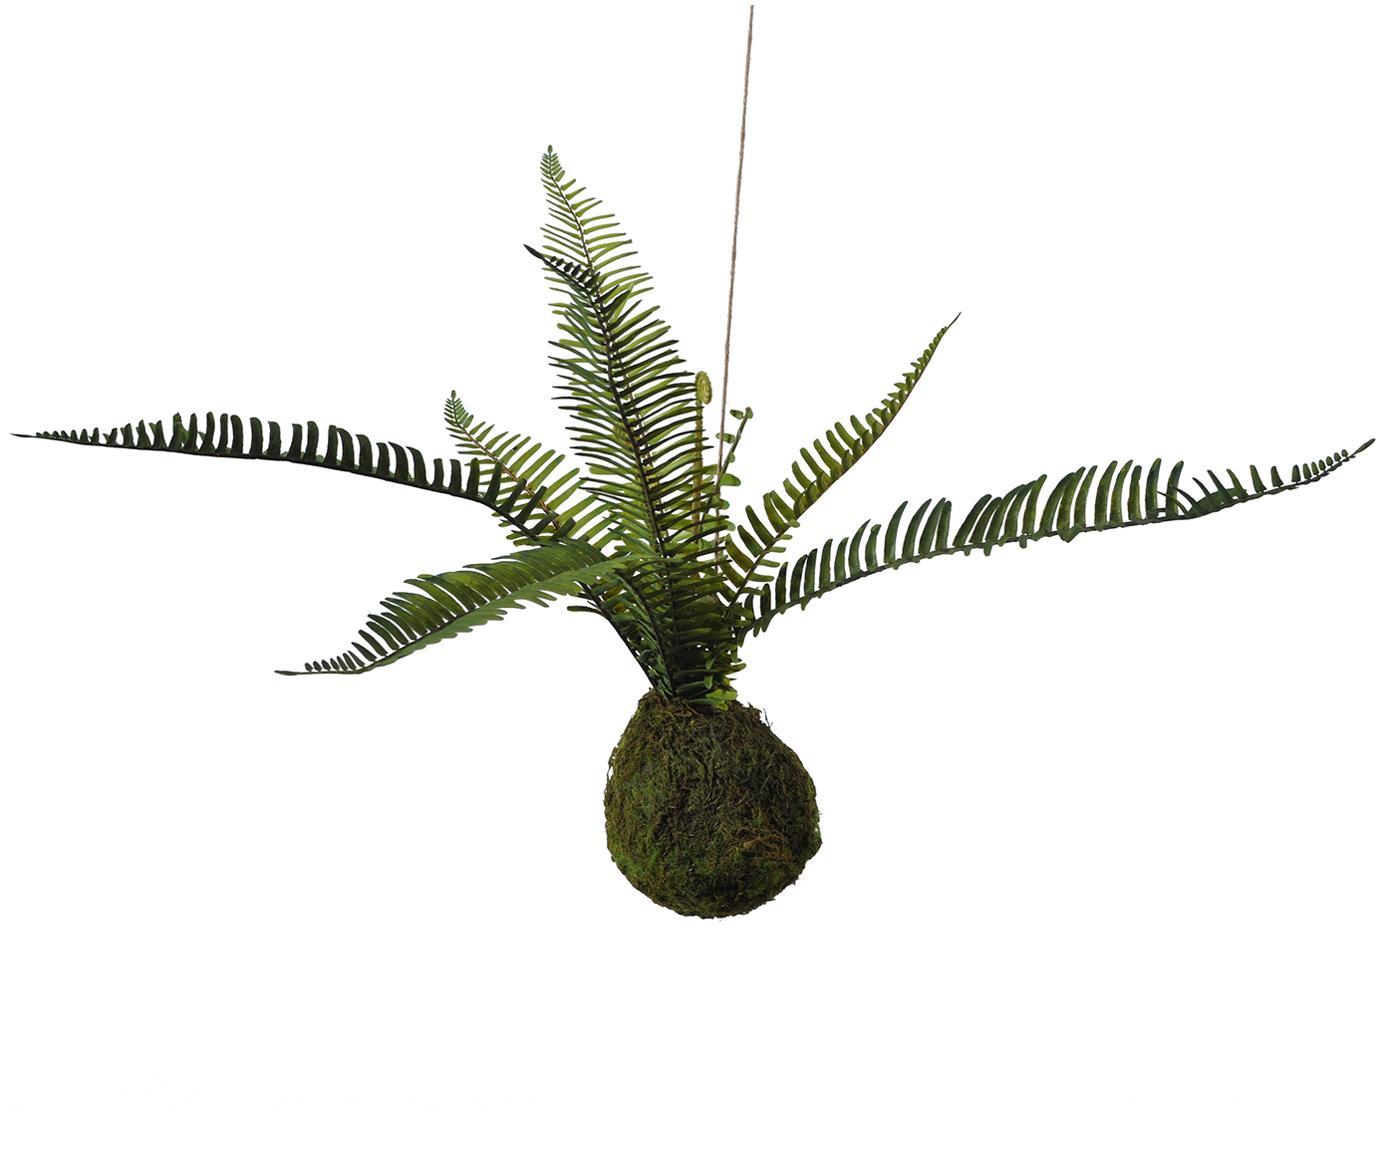 Fiore artificiale felce Fiona, Materiale sintetico, schiuma, poliestere, erba acquatica, sisal, metallo, Verde, marrone, Alt. 55 cm